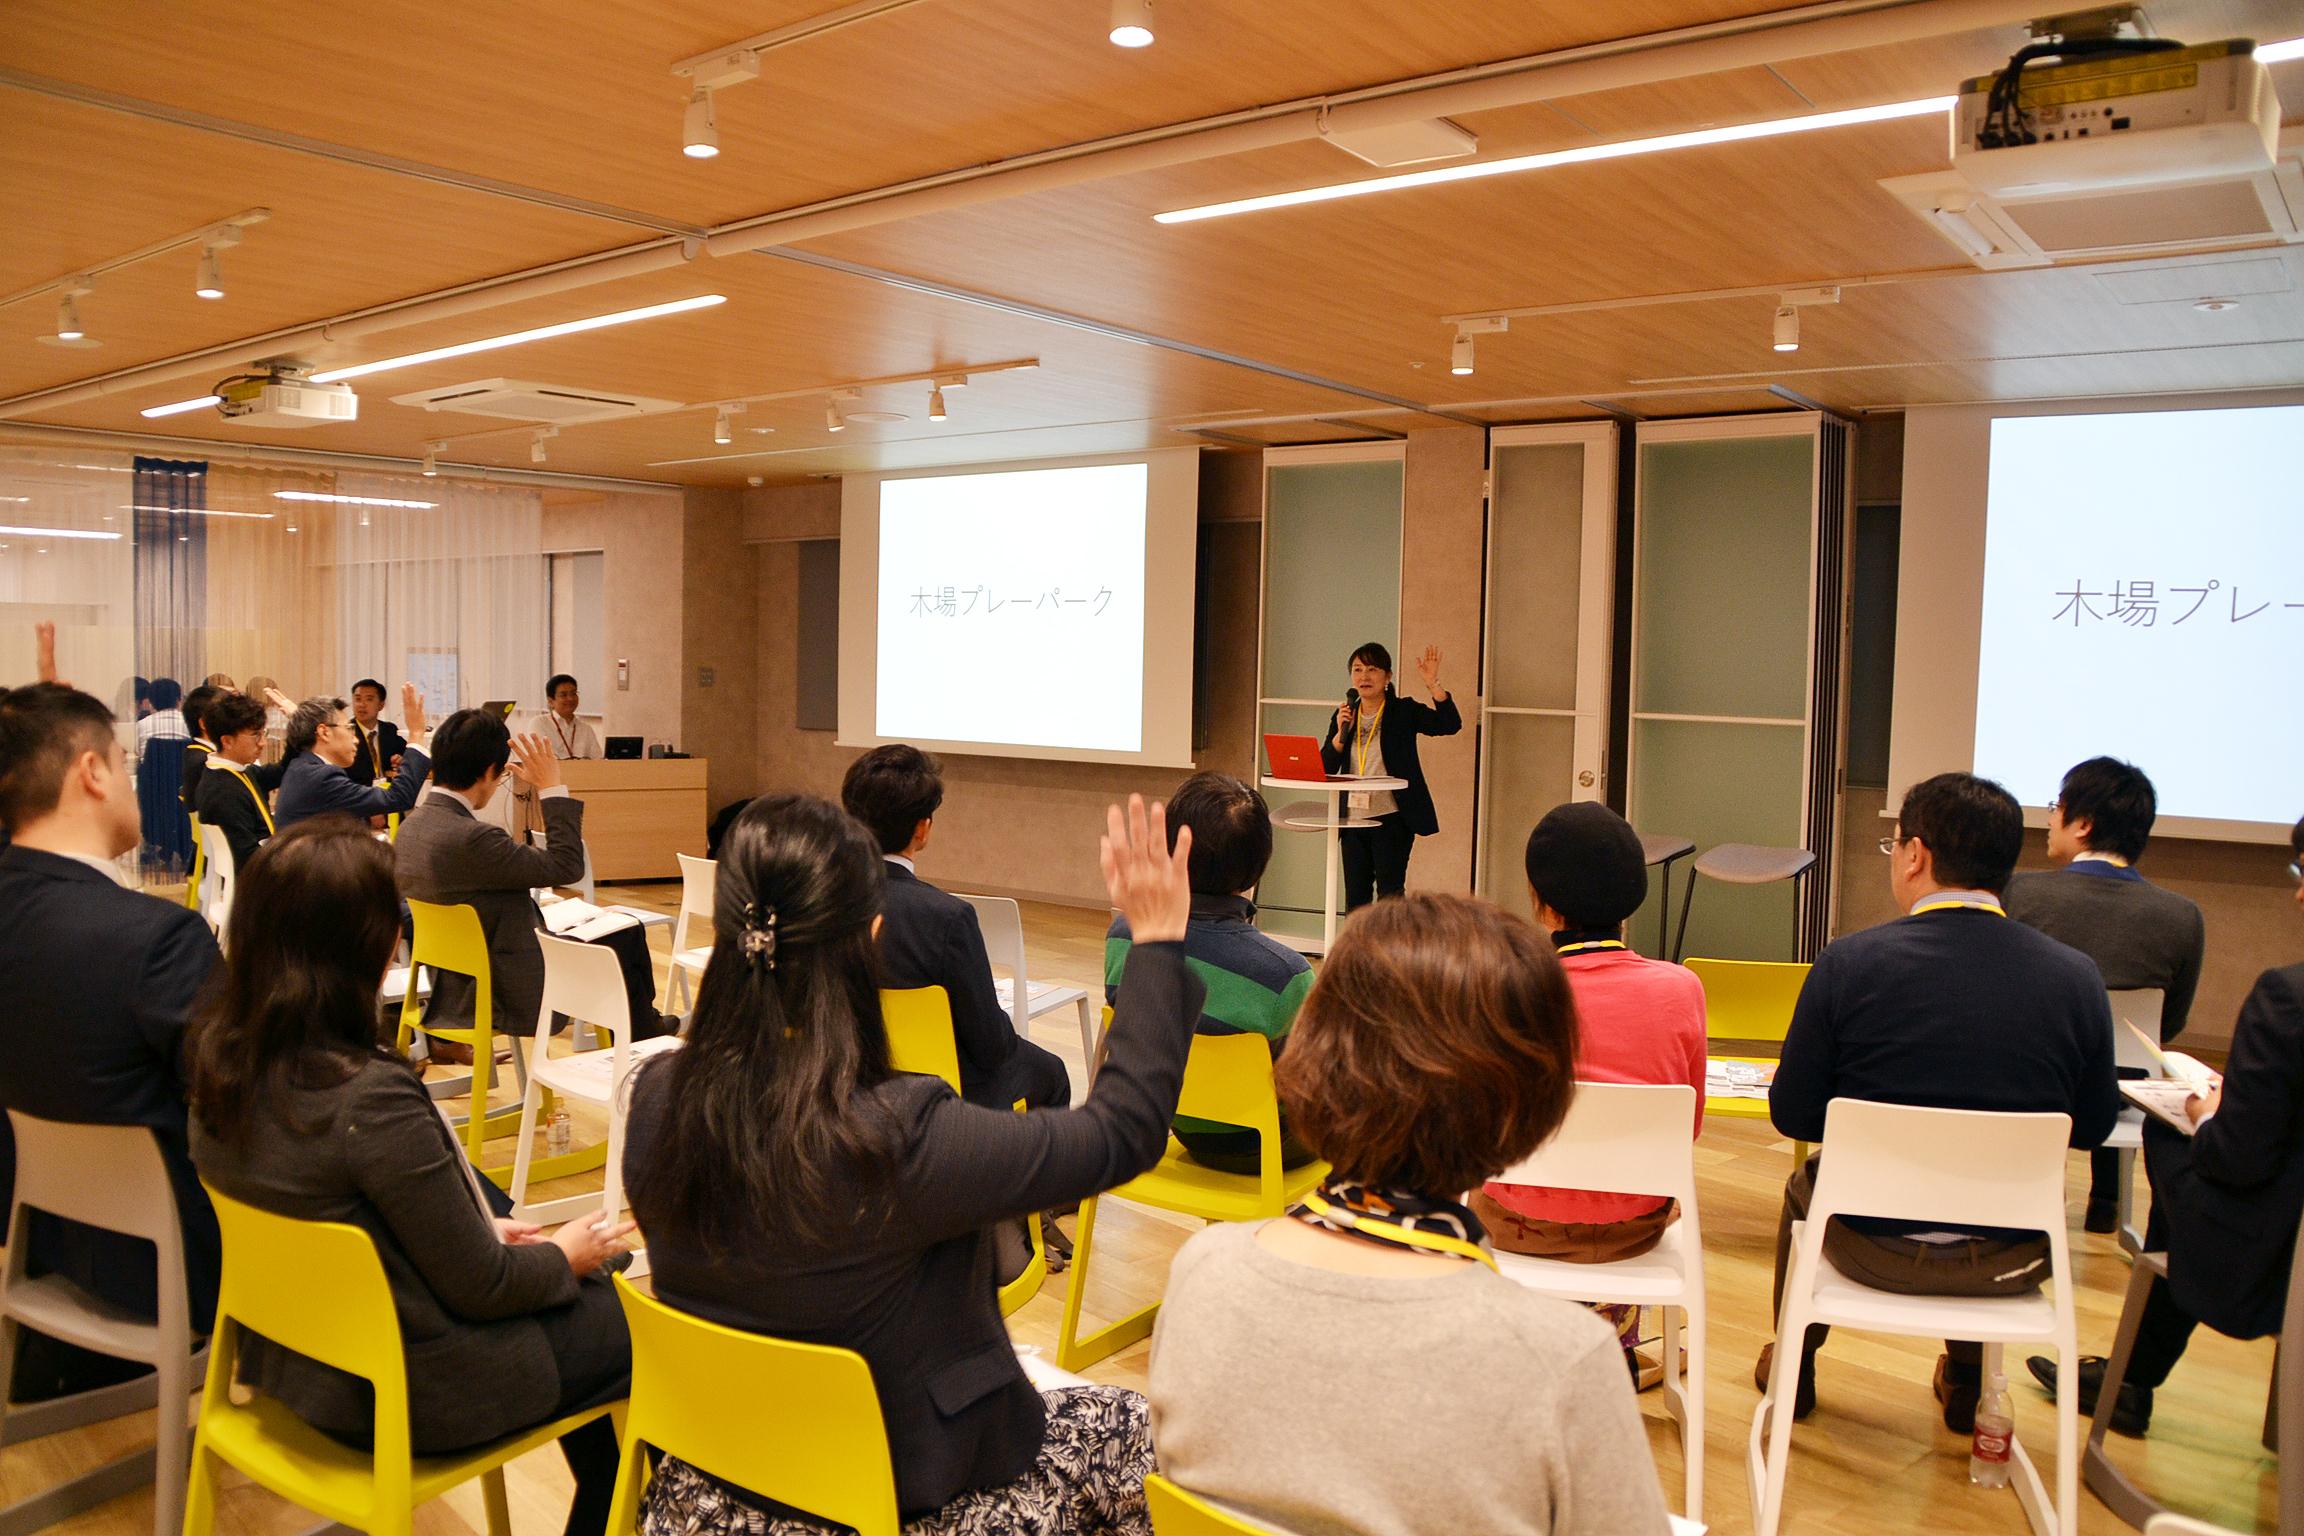 江東区をつなぐプロジェクトPhase1 第3回 行政やスポーツによる江東区のまちづくりを知る